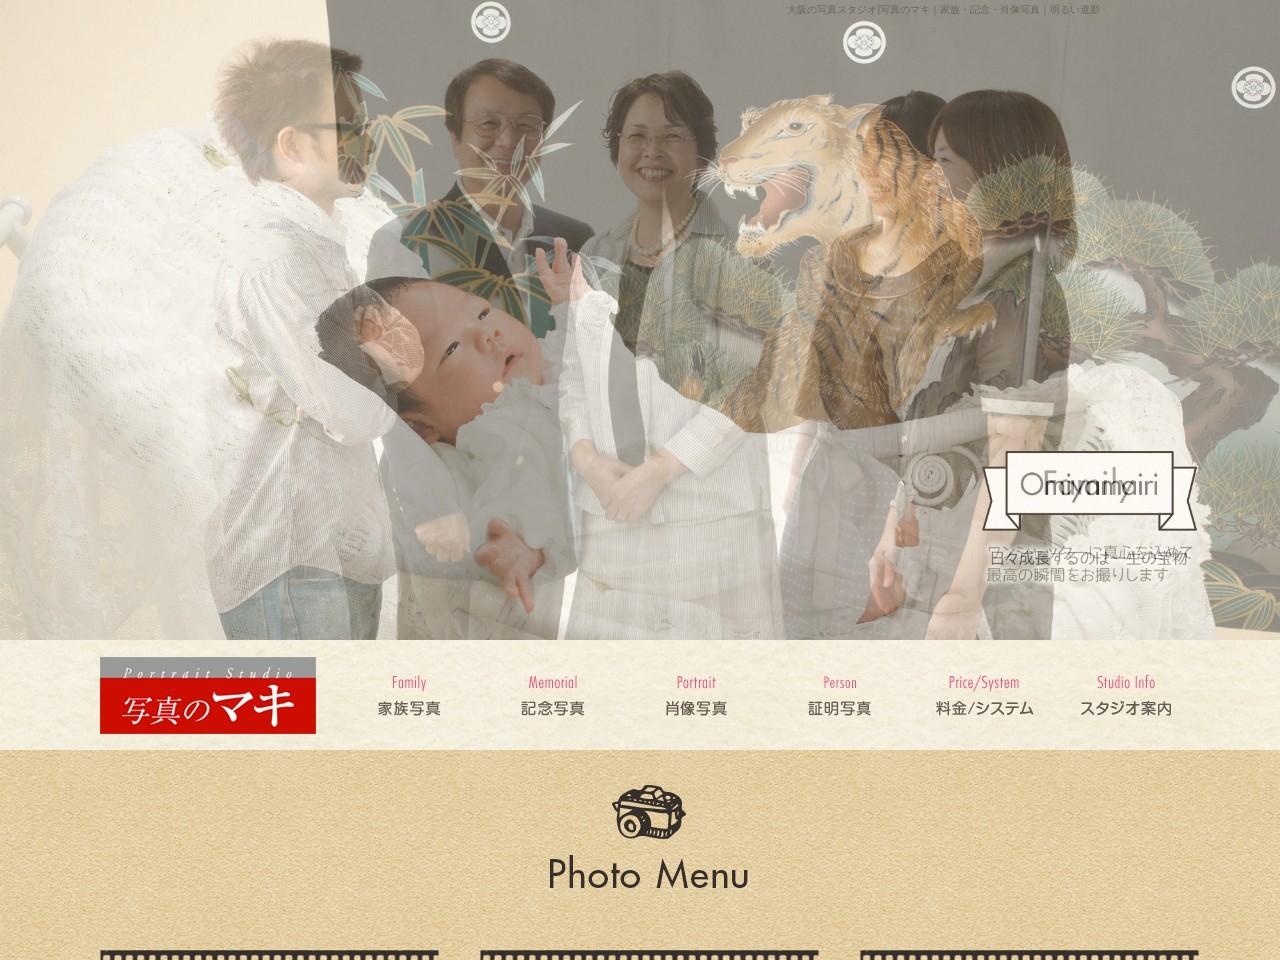 大阪の写真スタジオ|写真のマキ|家族・記念・肖像写真|明るい遺影